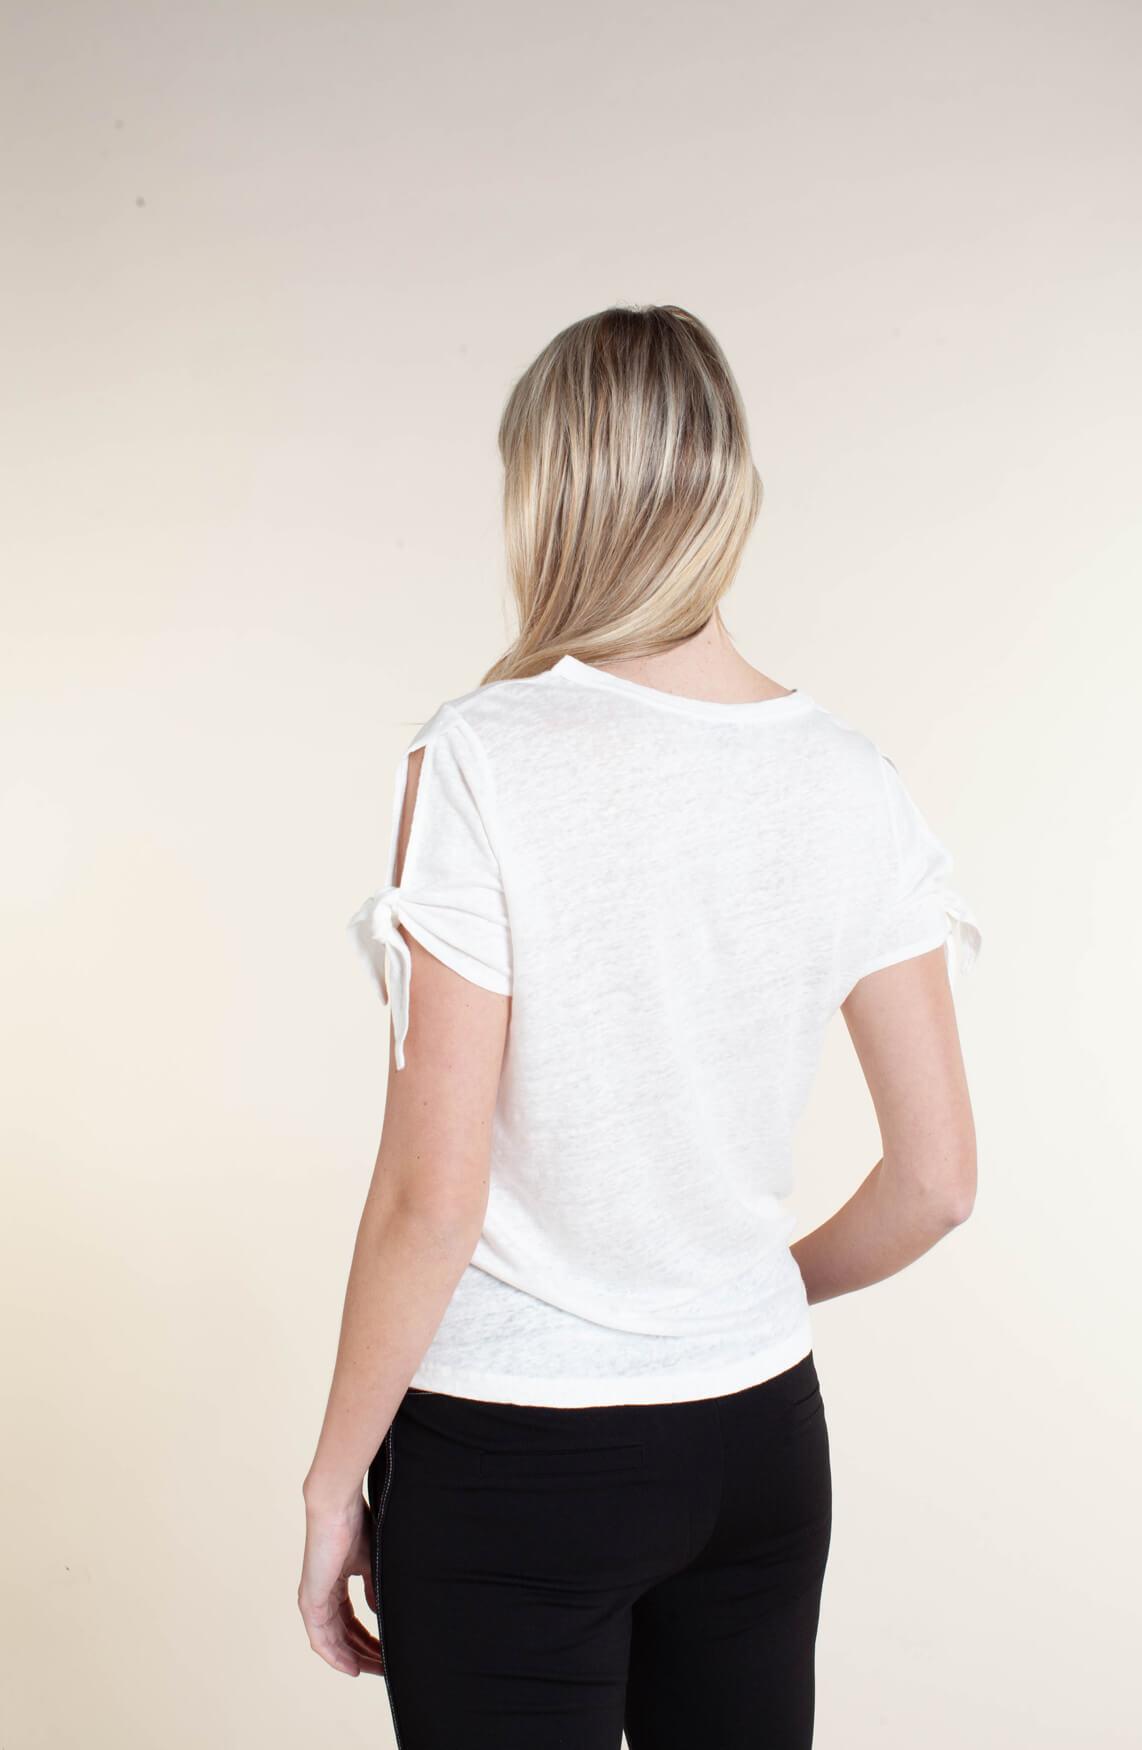 Anna Dames Linnen shirt met knoopdetail wit